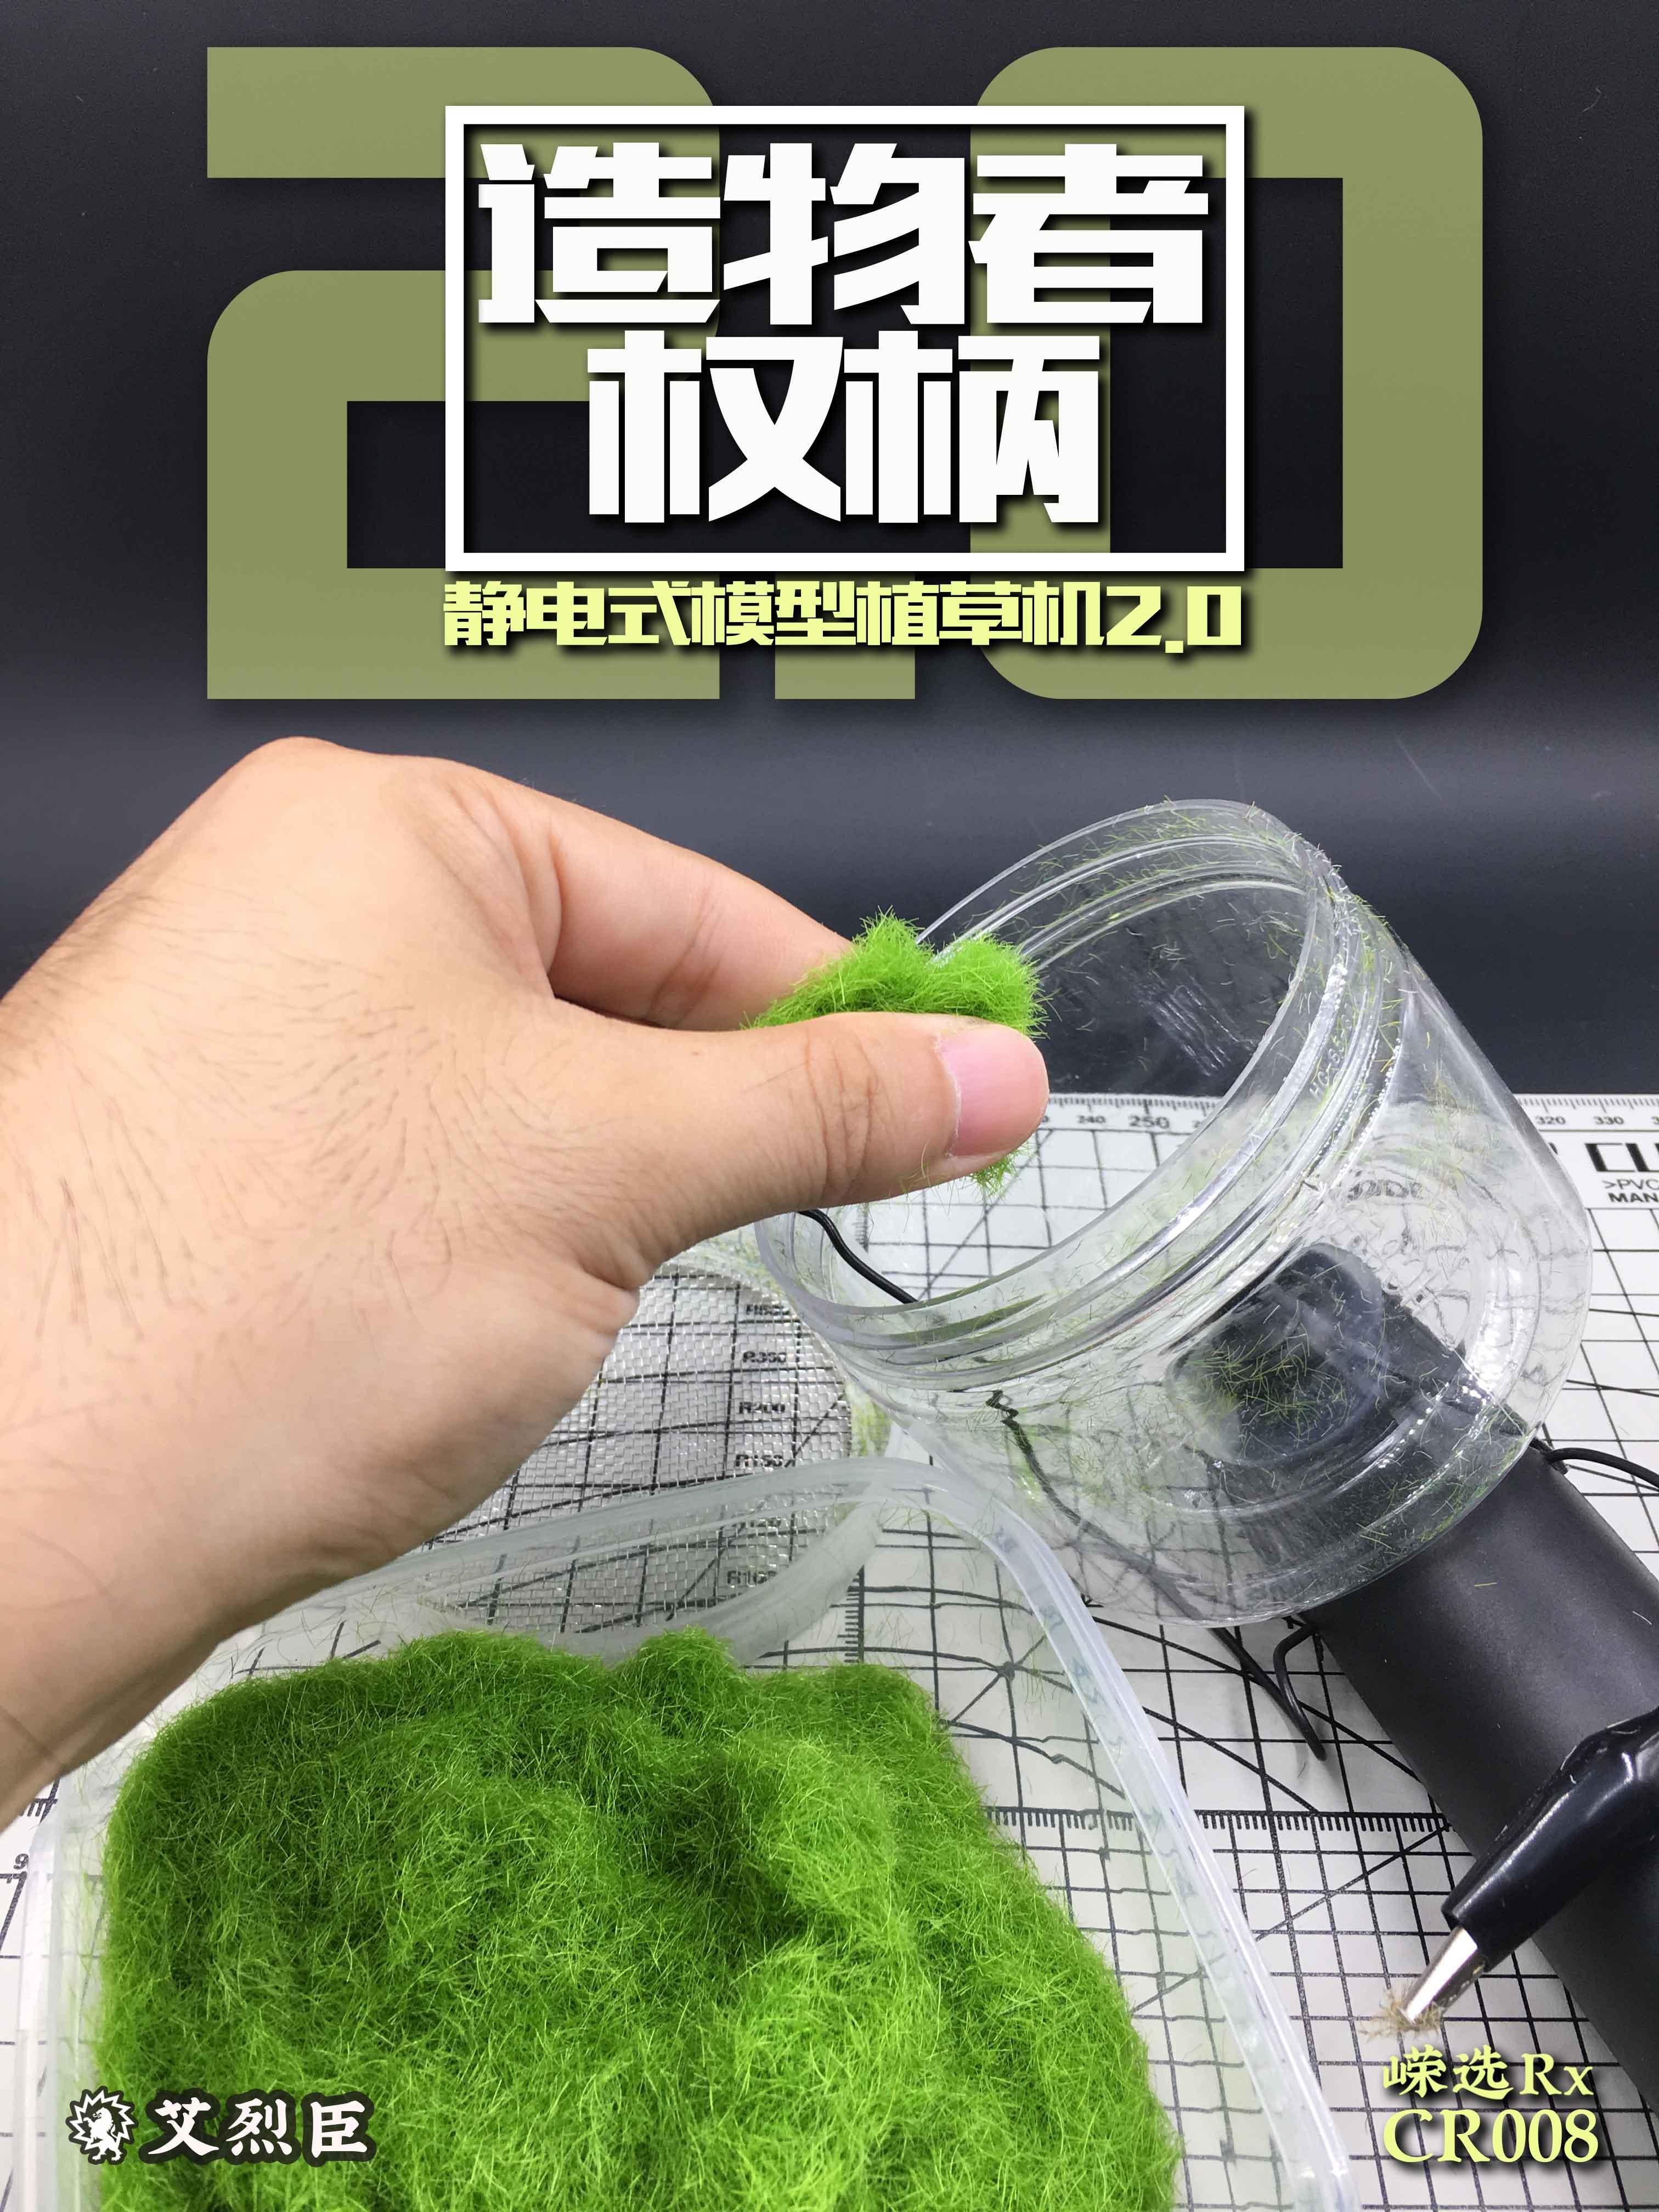 【艾烈臣】CR008 造物者权柄-静电式植草机2.0改良款 场景植草种草专用机器